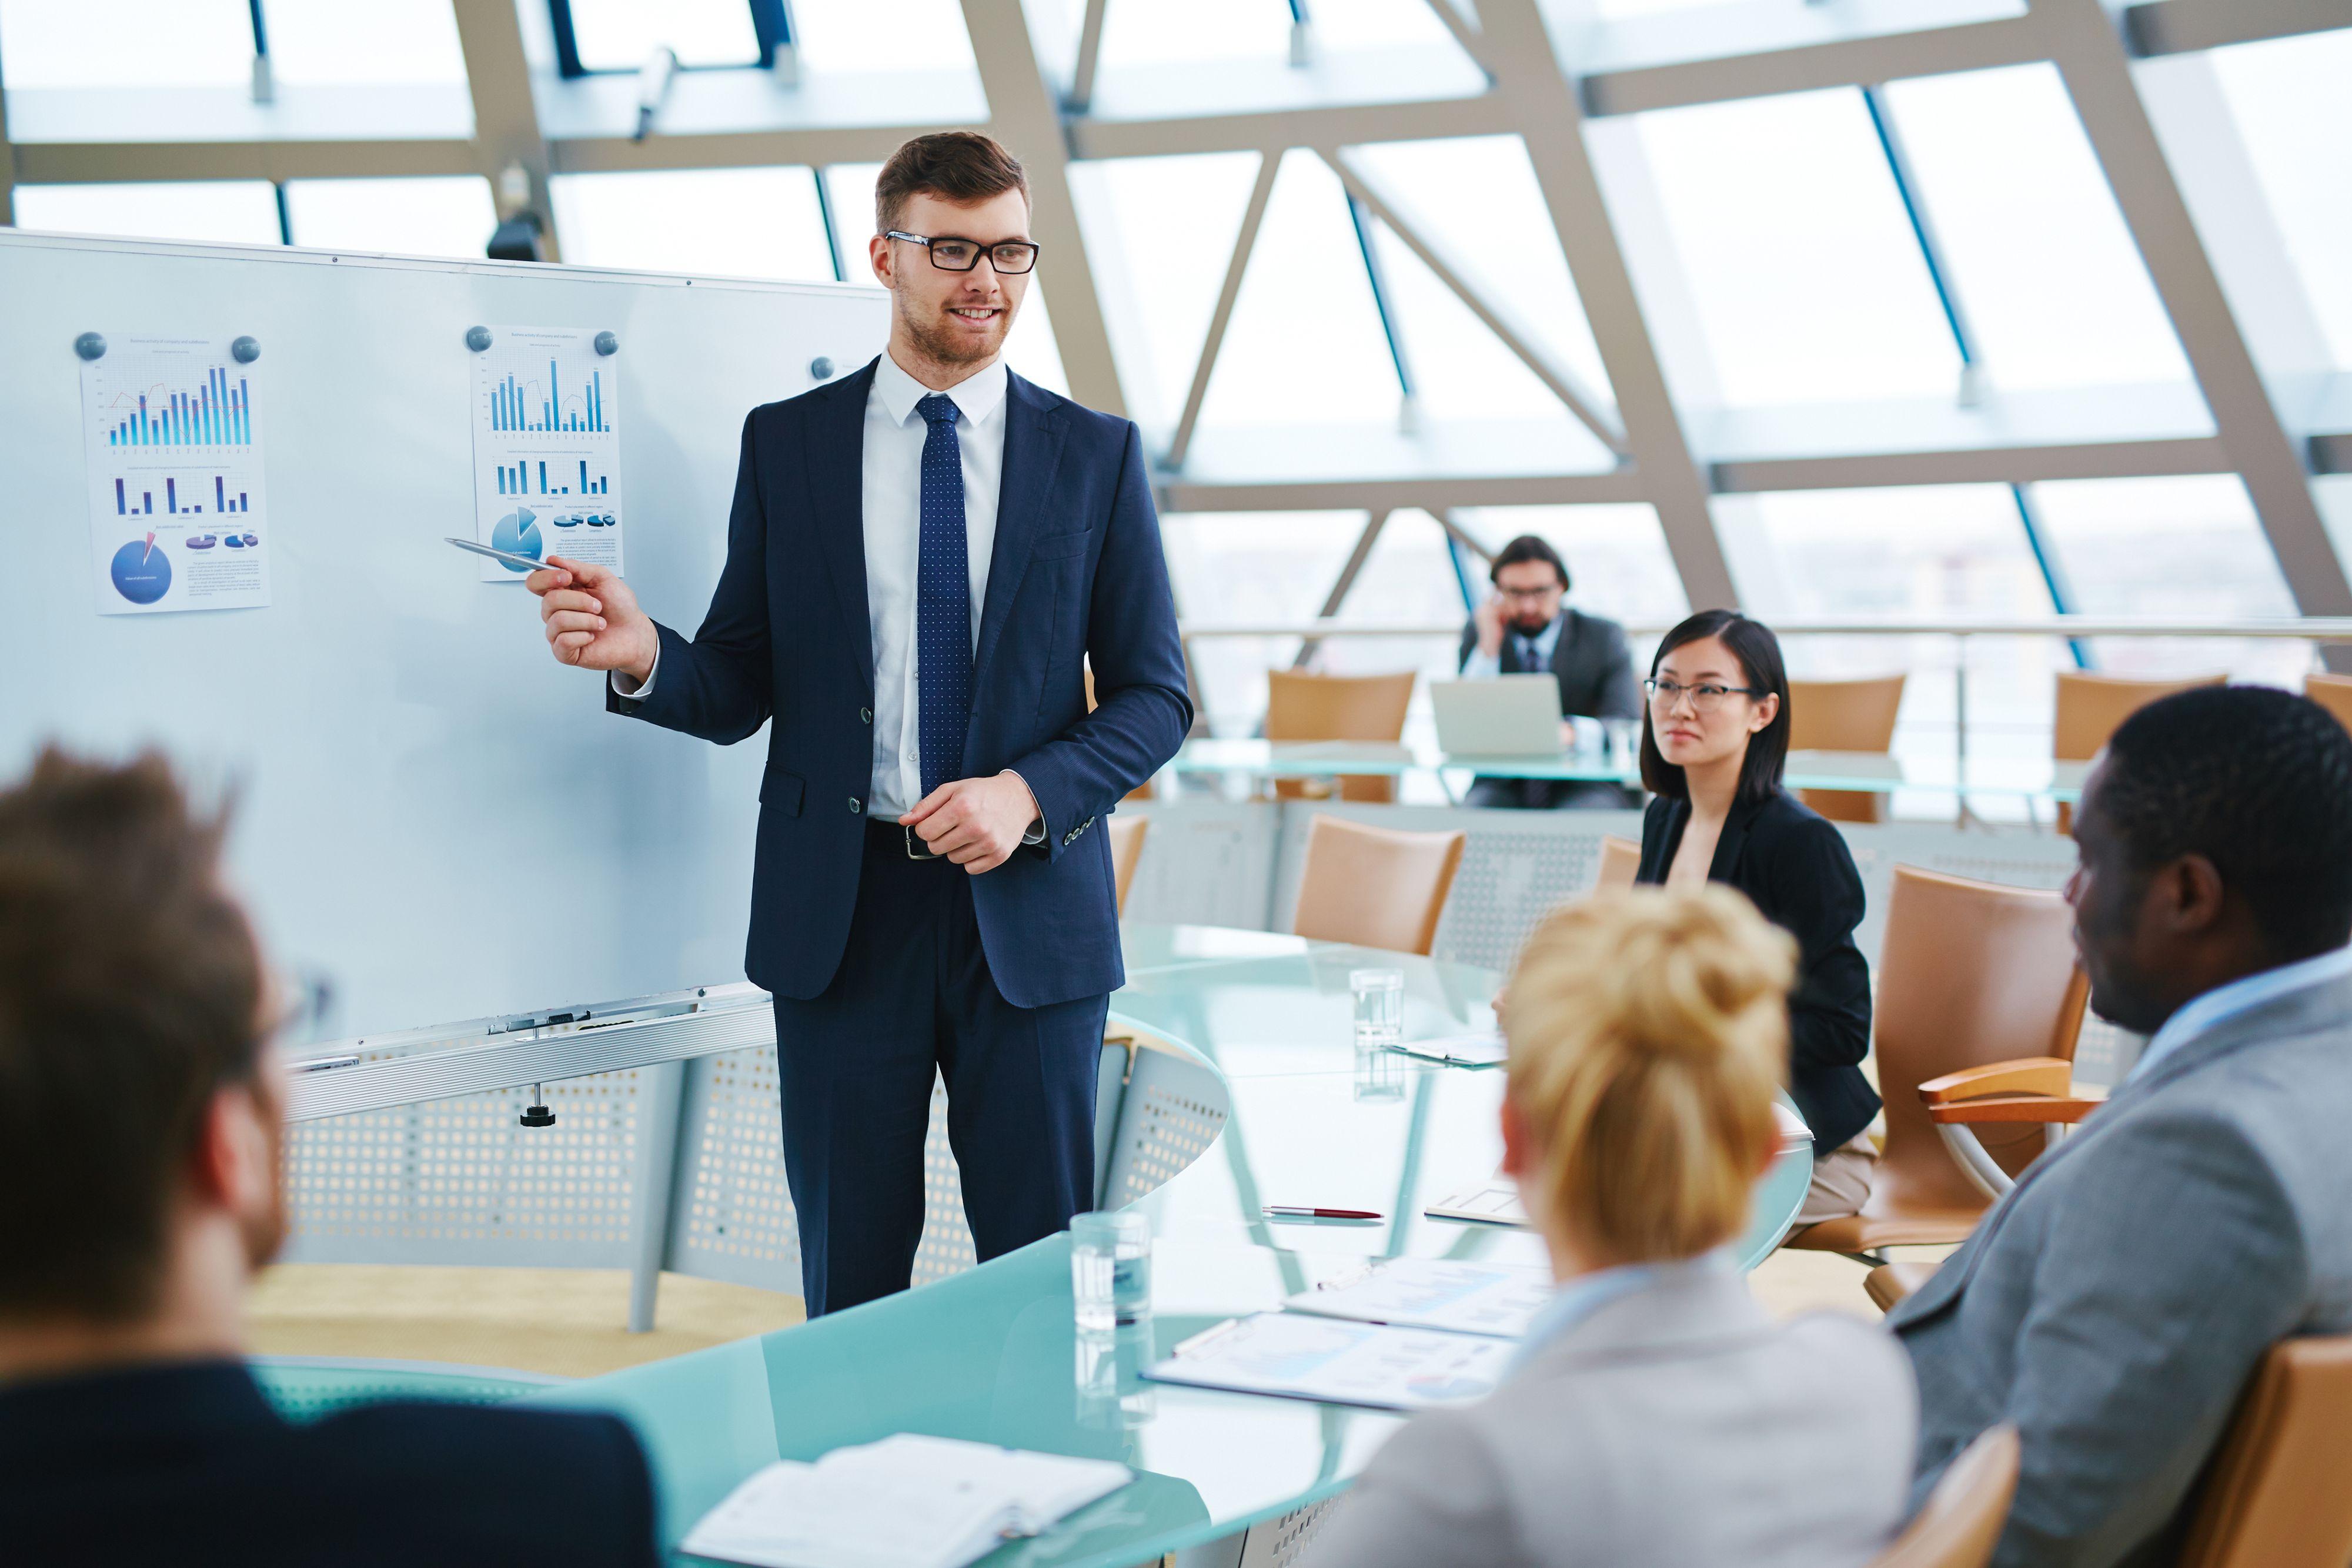 54 proc. firm planuje wdrażać upskilling i reskilling przynajmniej dla części pracowników (Fot. Shutterstock)